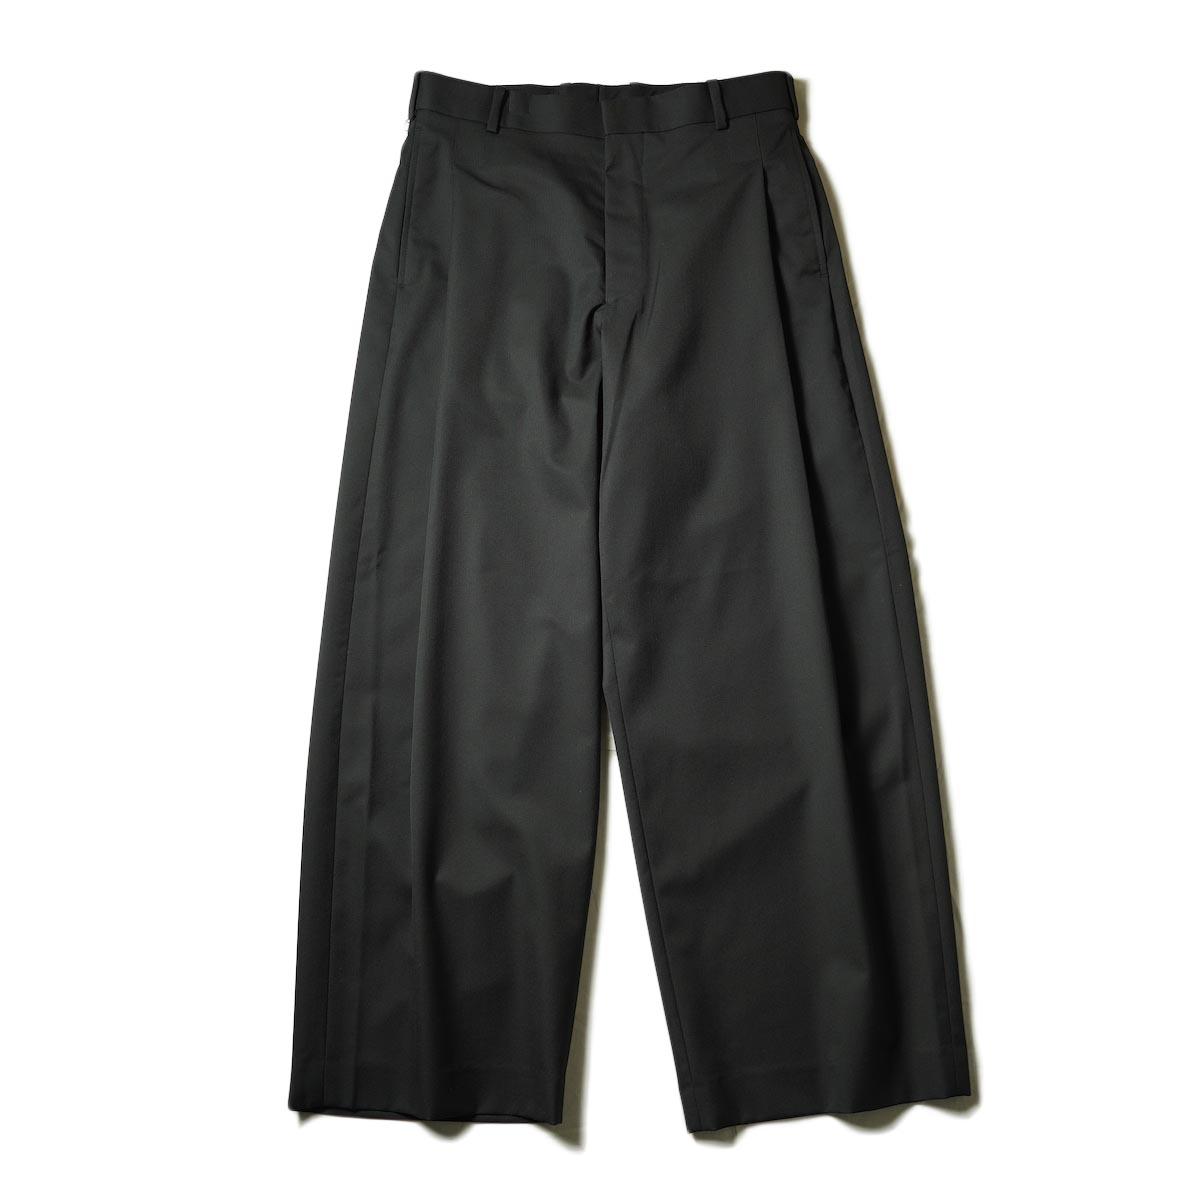 N.HOOLYWOOD / 2212-PT25-022 1TUCK SLACKS (Black)正面